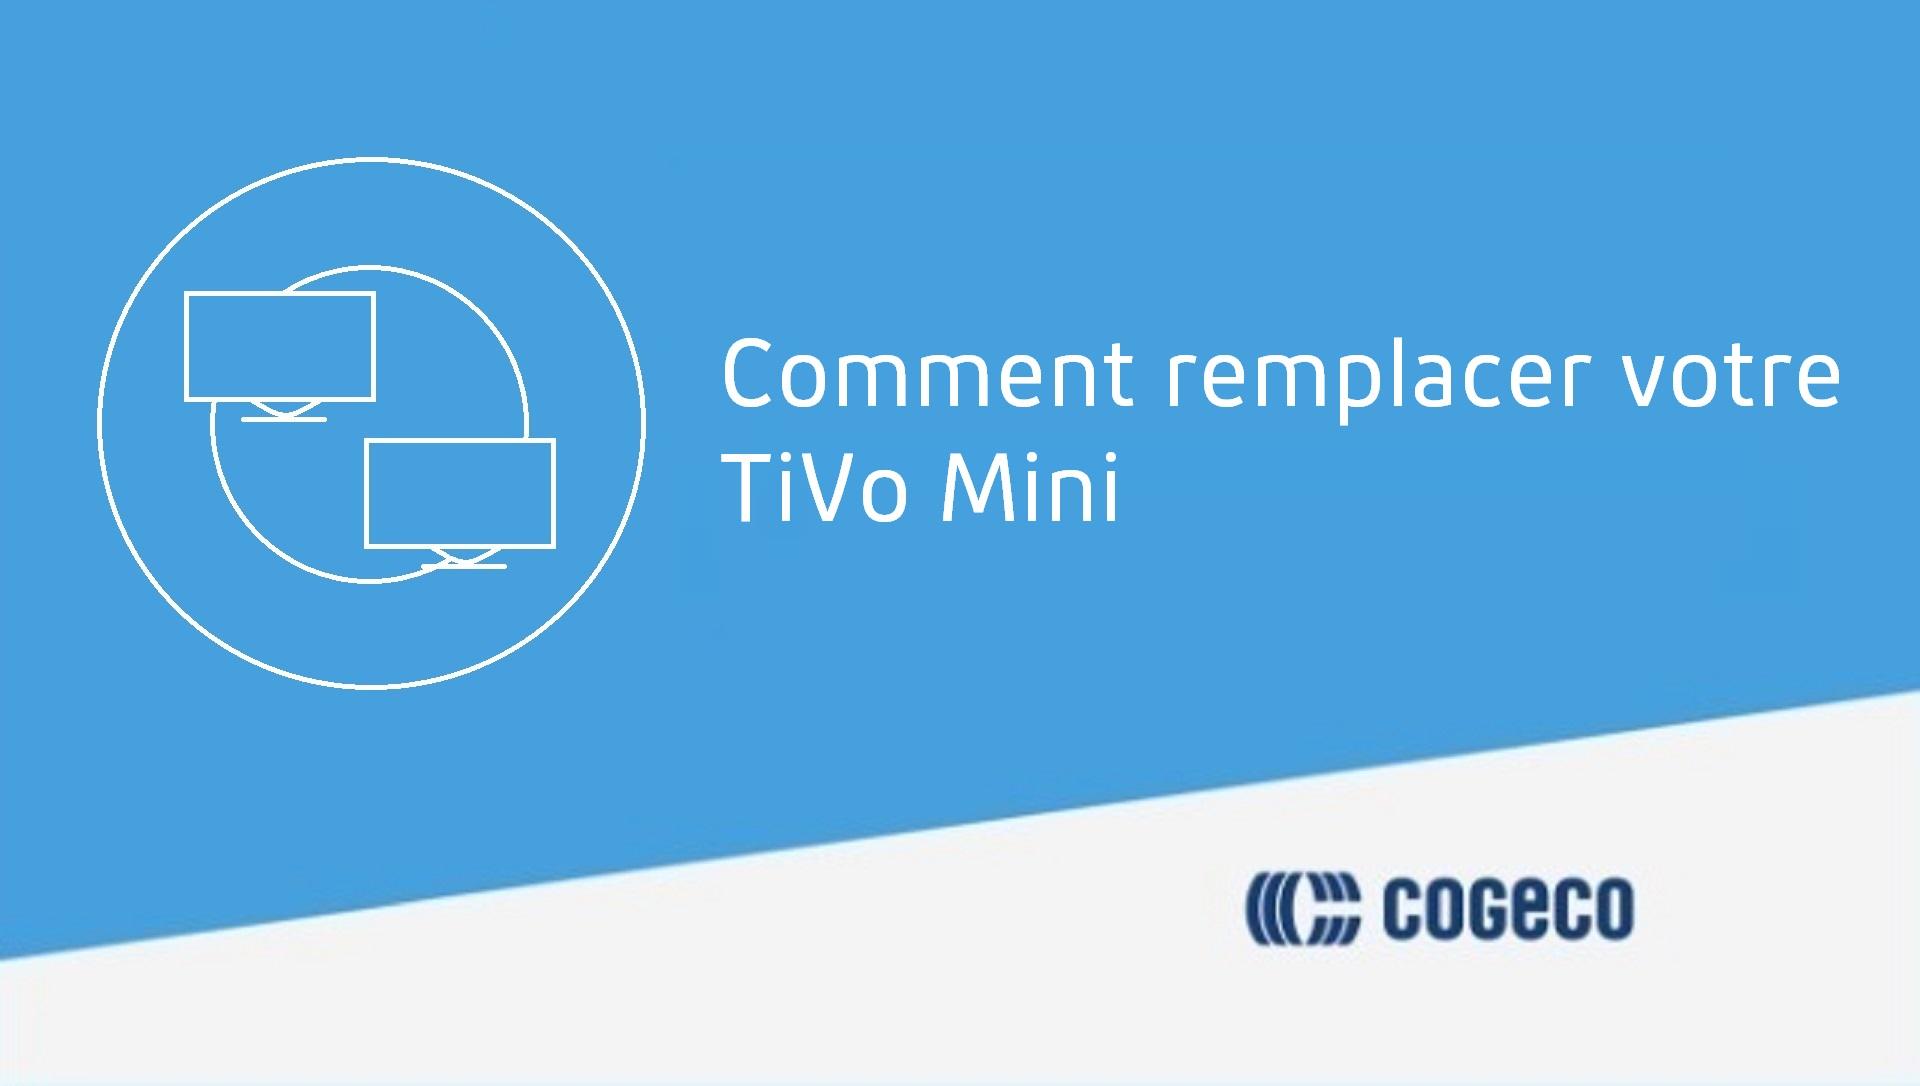 Comment remplacer votre TiVo Mini